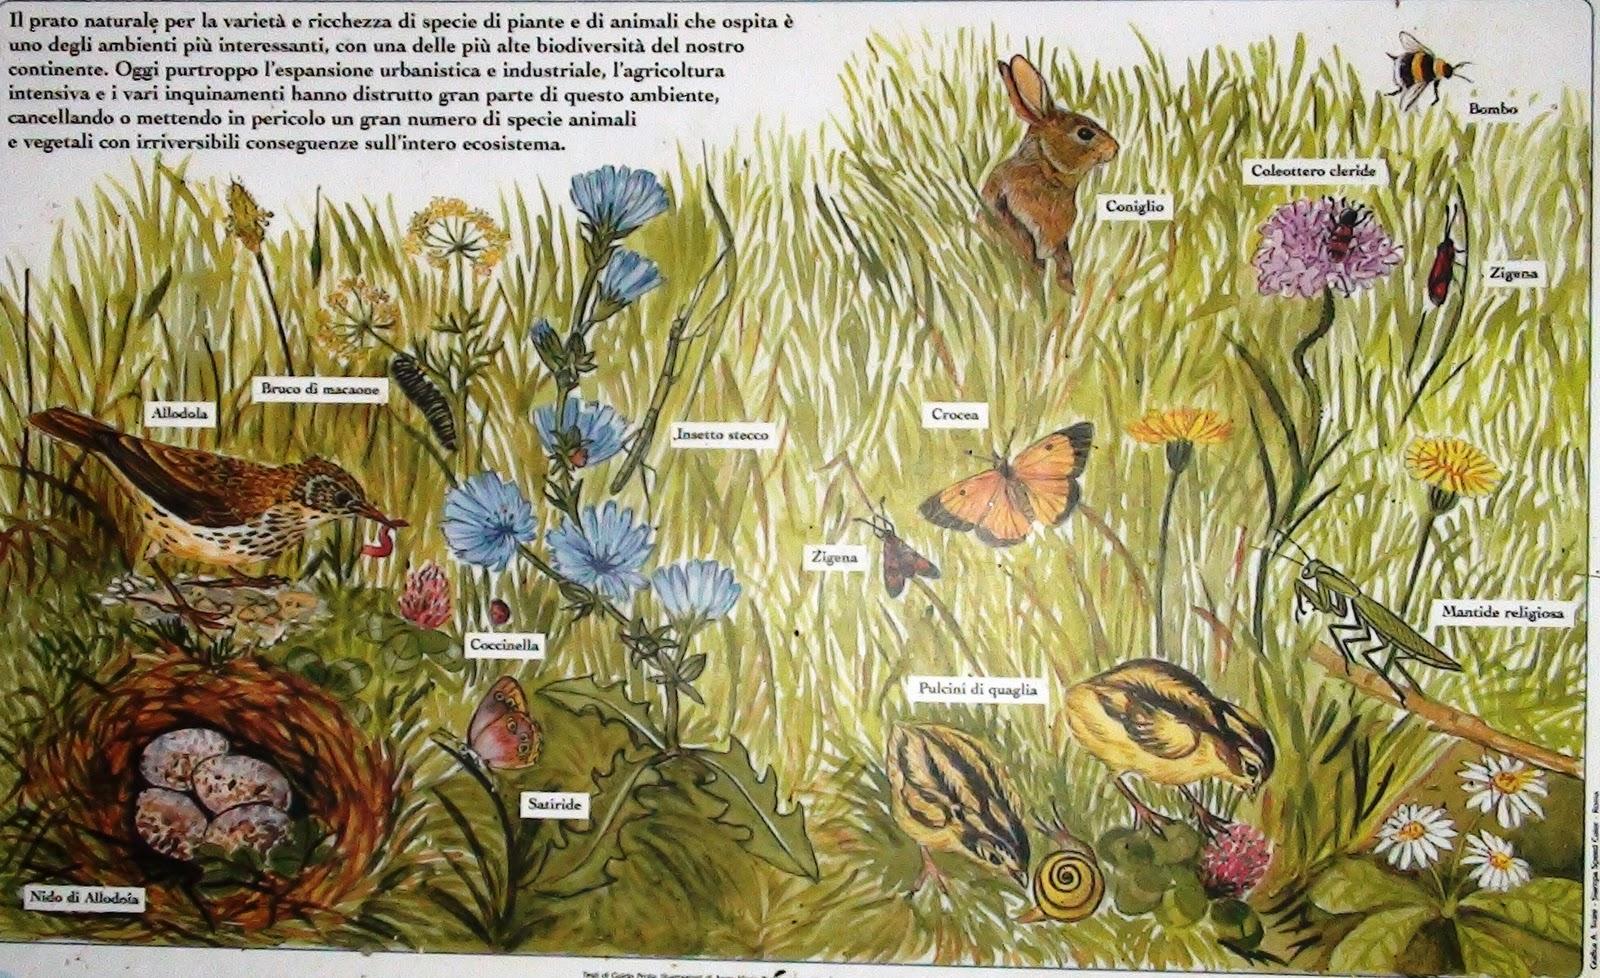 Biodiversity Experiences Biodiversity